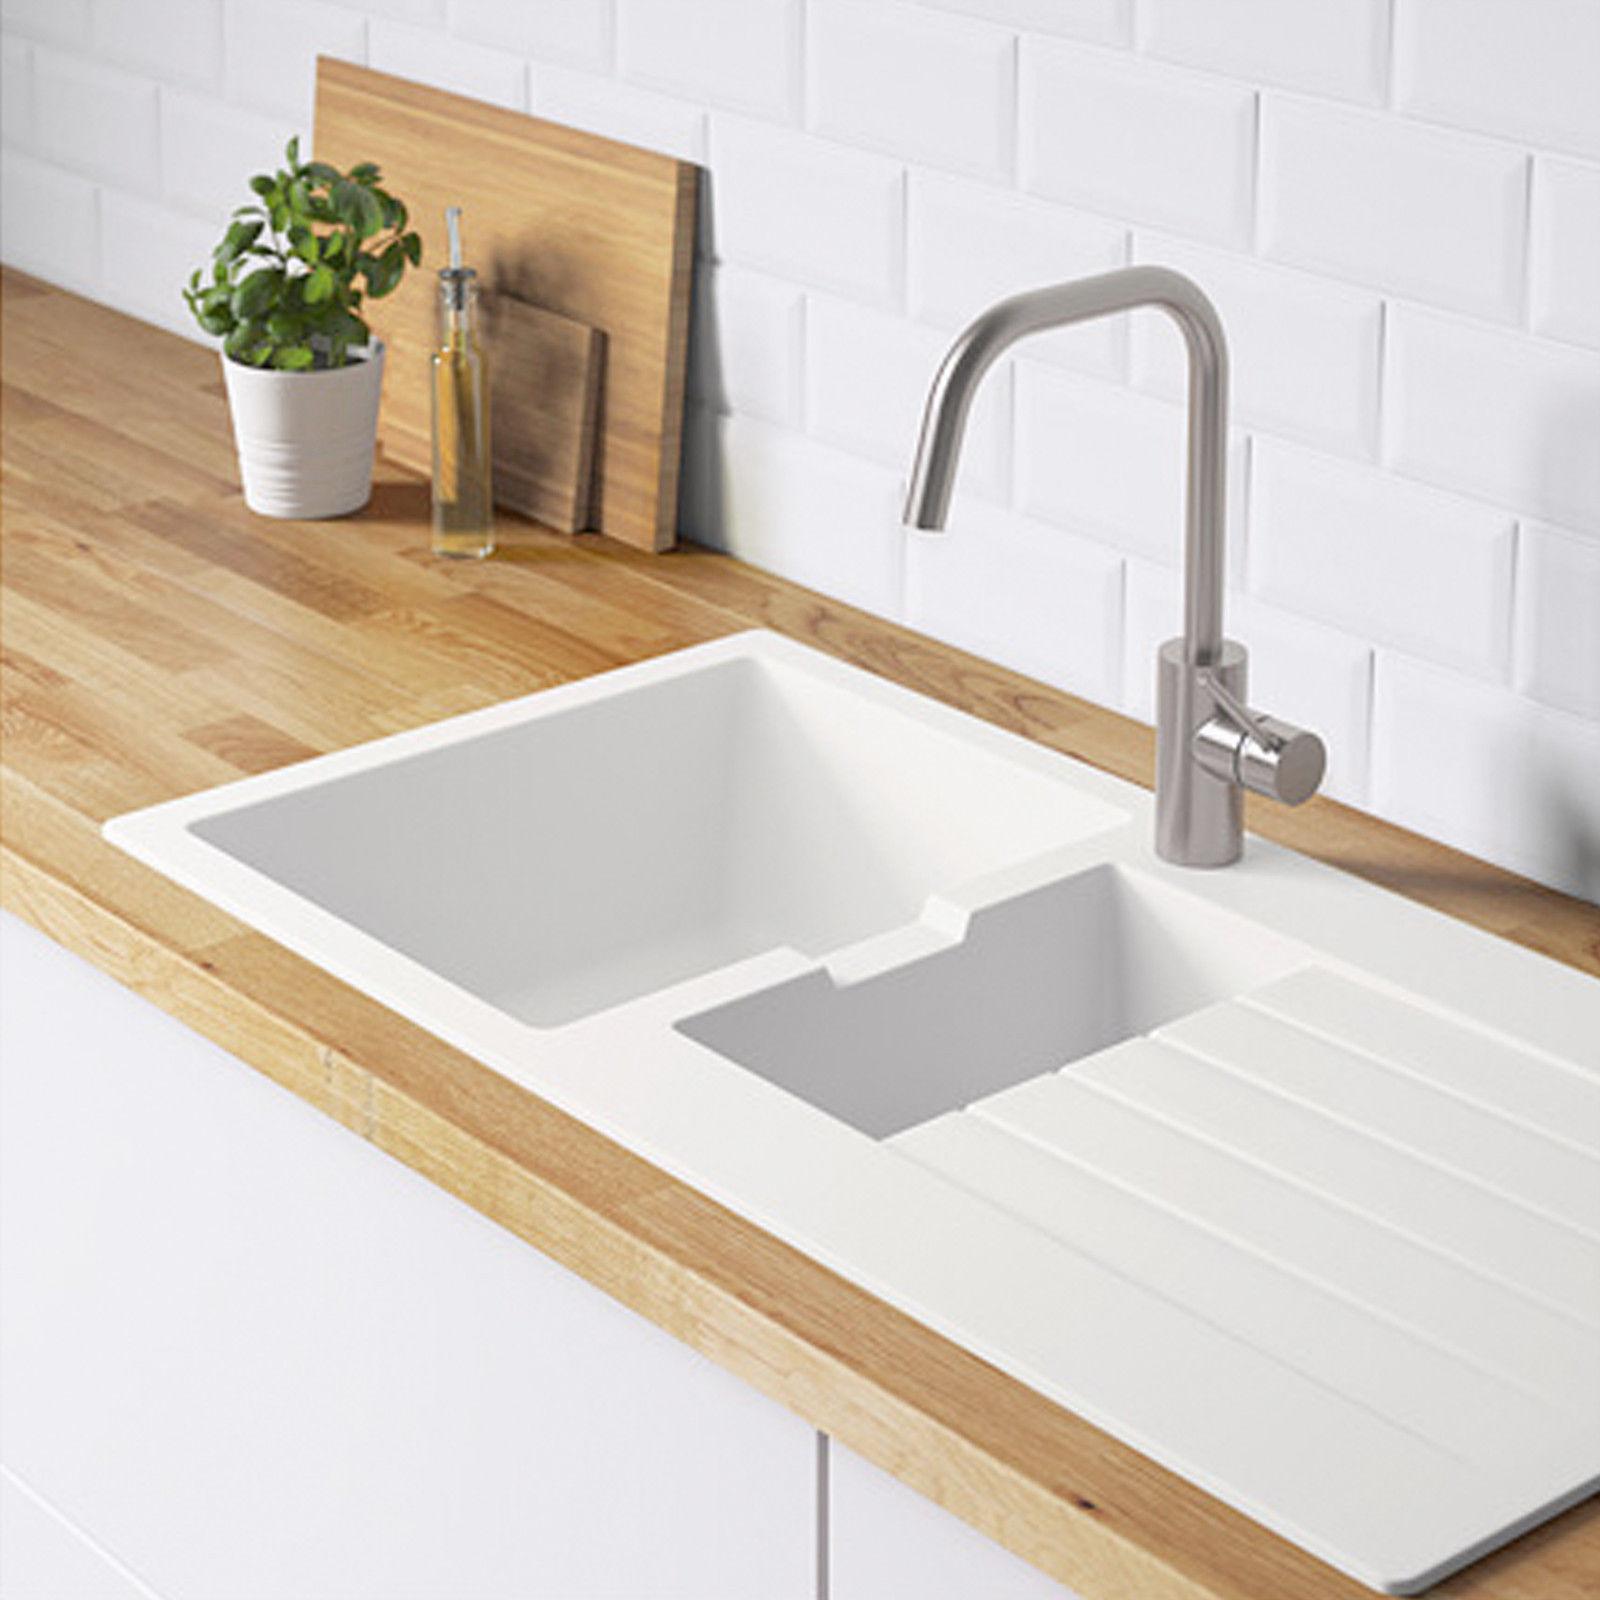 Bevorzugt IKEA Spüle Einbauspüle 1,5 Becken weiß Quarzkomposit 100×50 cm PW48